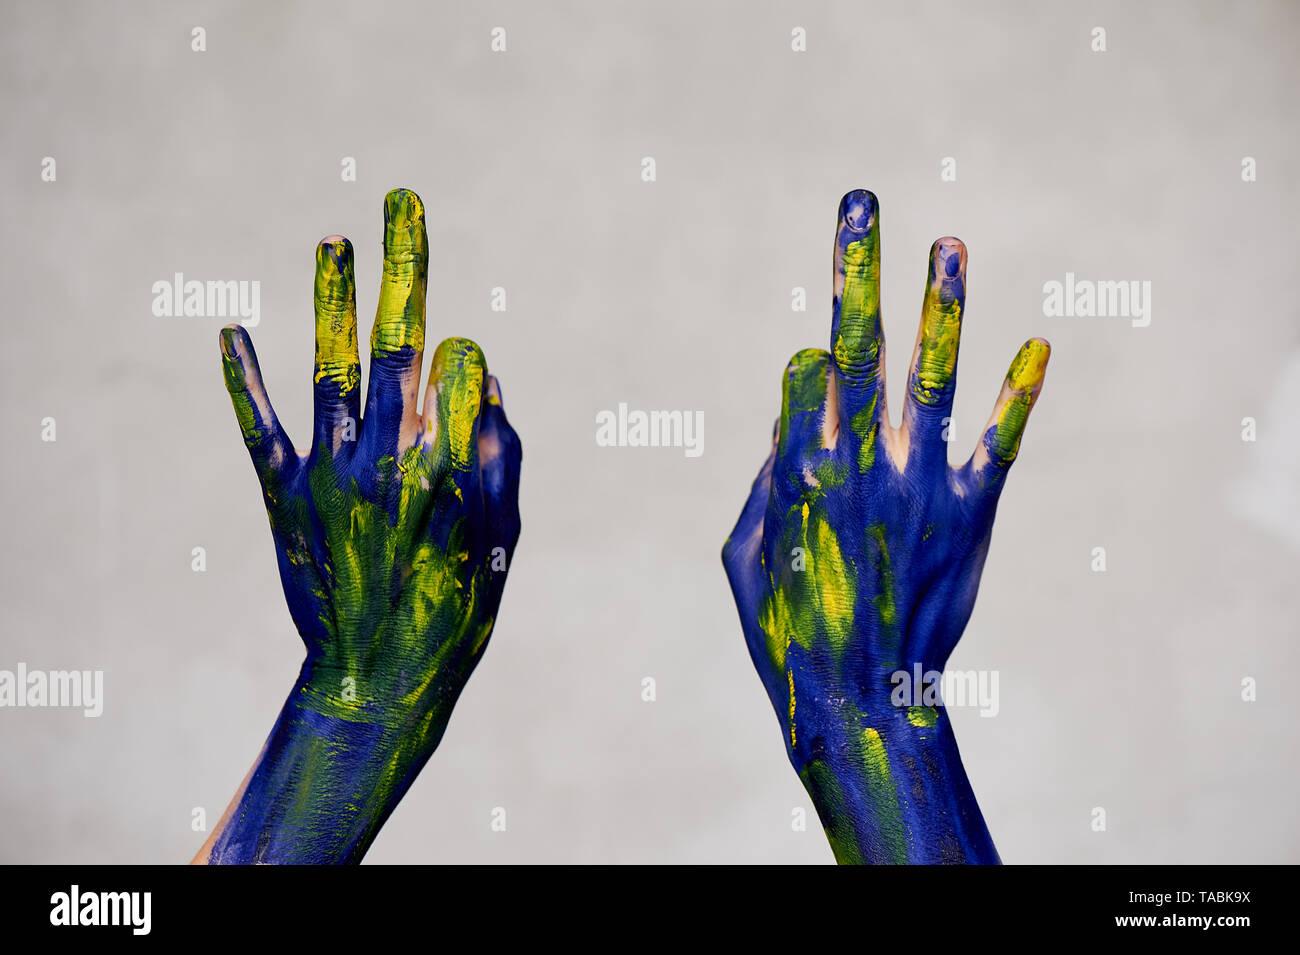 Anmutigen Händen des Künstlers. Hände in blauer und gelber Farbe. Schöpfer, Kreativität. Yoga für die Hände Stockbild